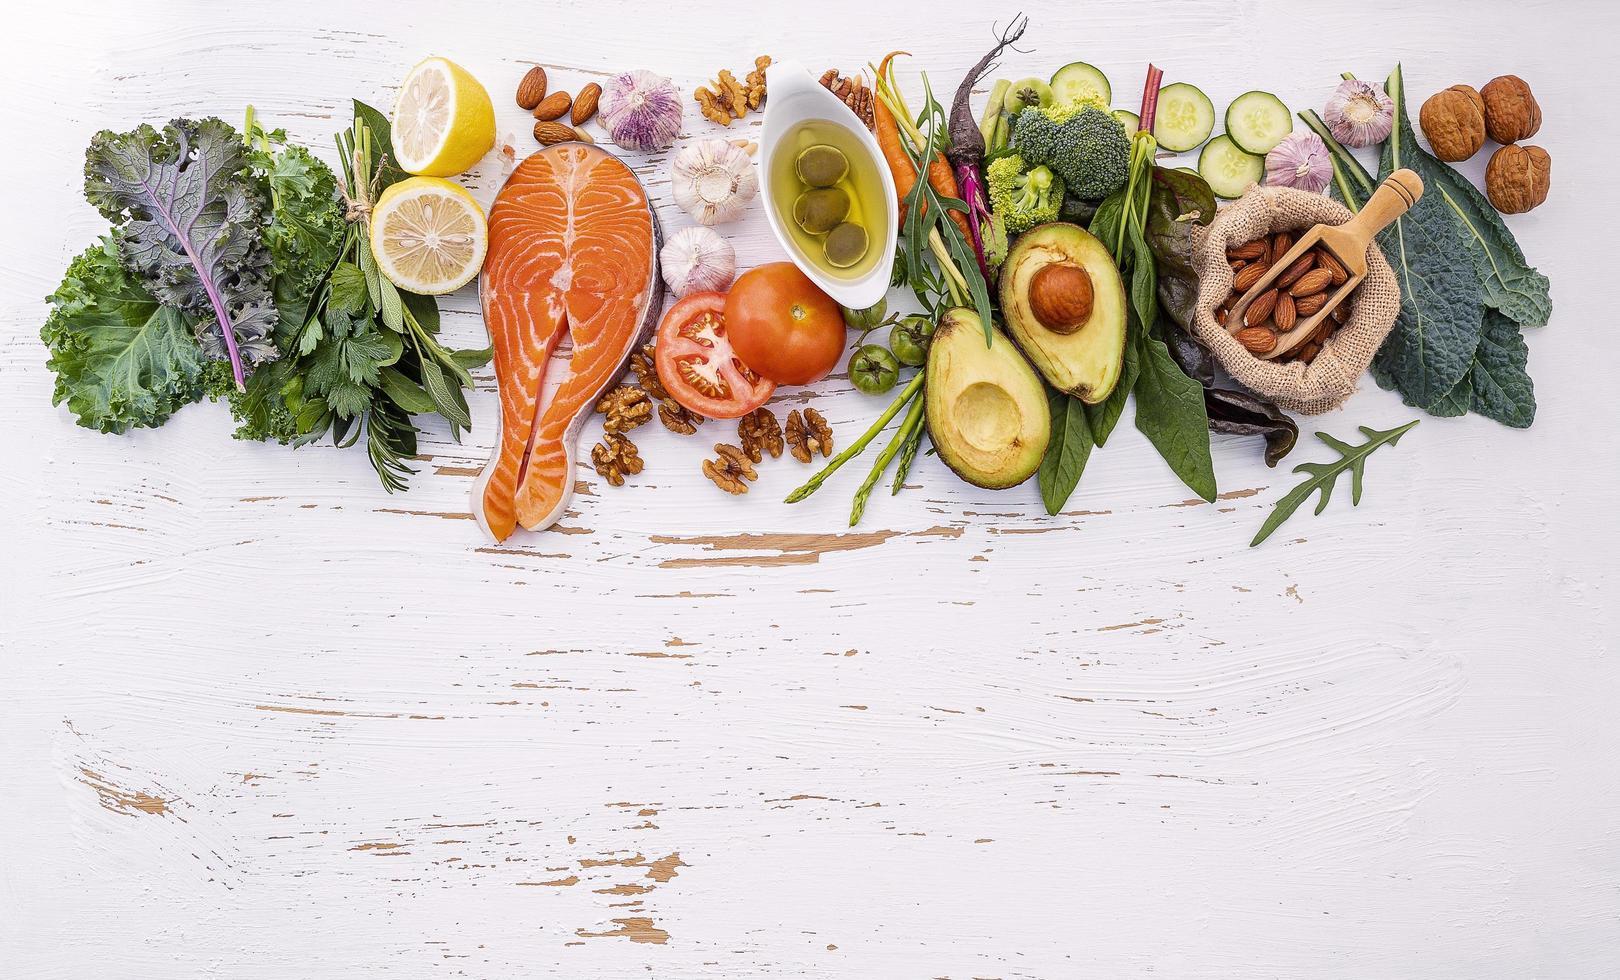 fileira de ingredientes saudáveis em um fundo branco de madeira foto